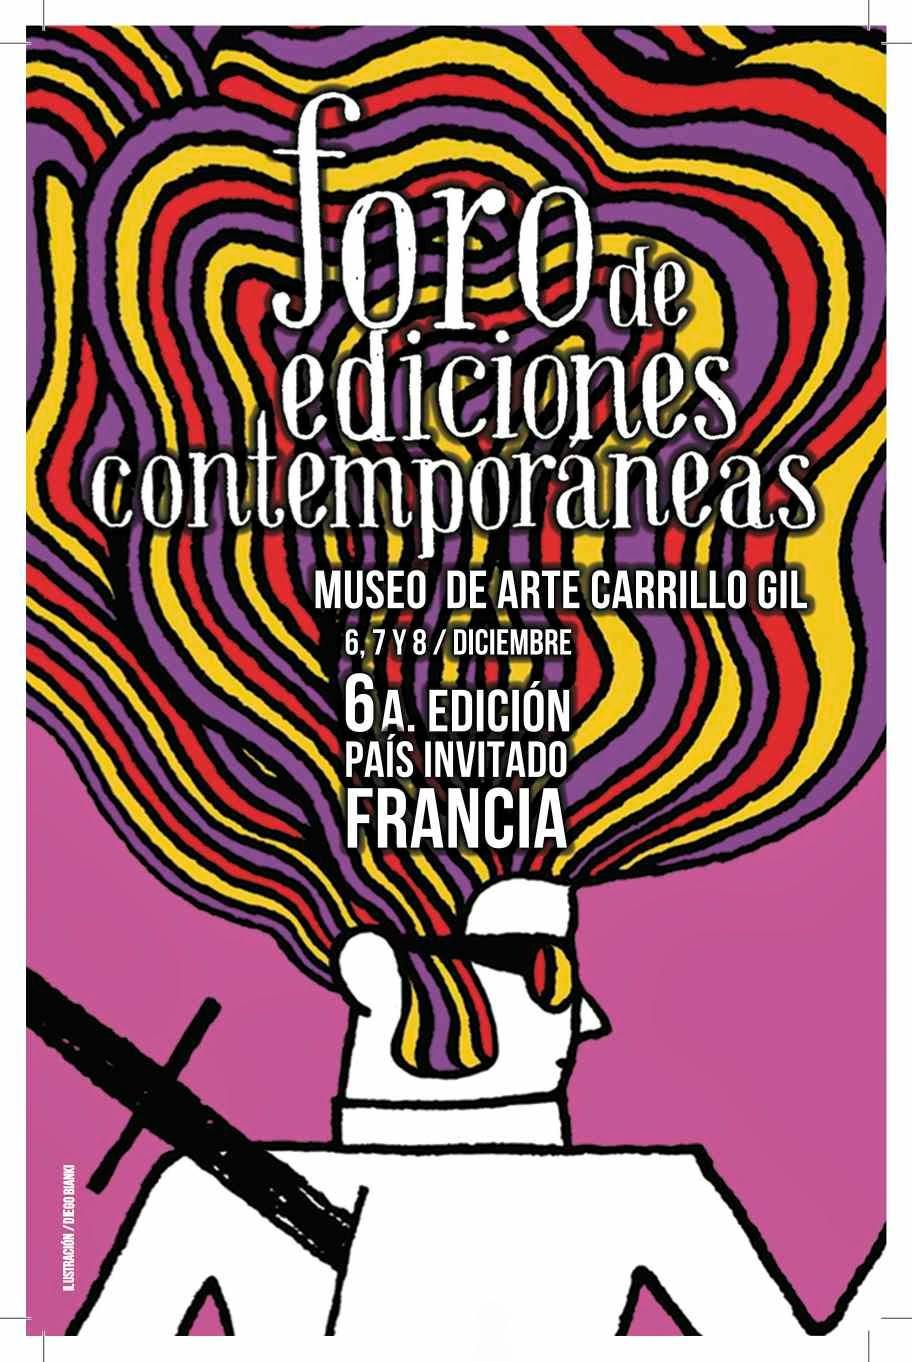 6ta. Edición del Foro de Ediciones Contemporáneas (FoEC)